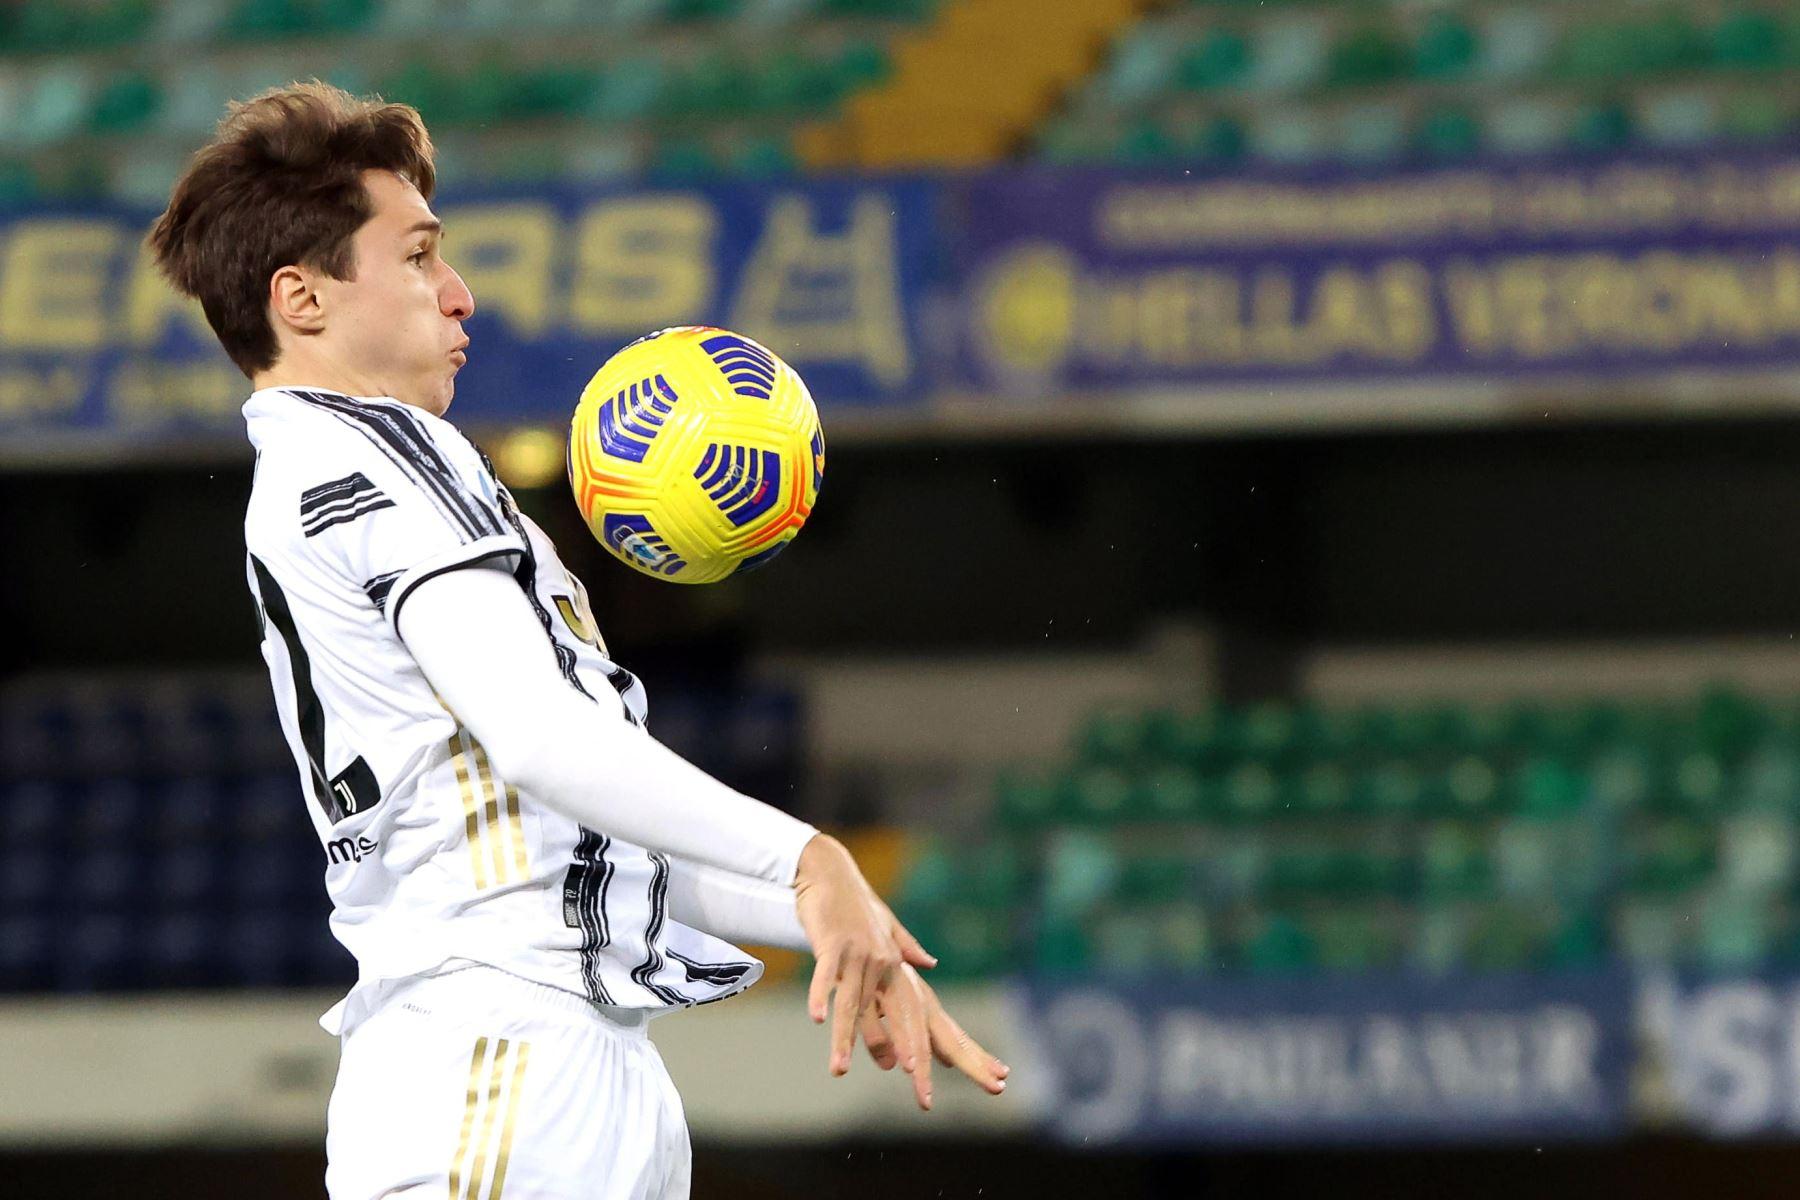 Federico Chiesa de la Juventus en acción durante el partido de fútbol de la Serie A. Foto: EFE